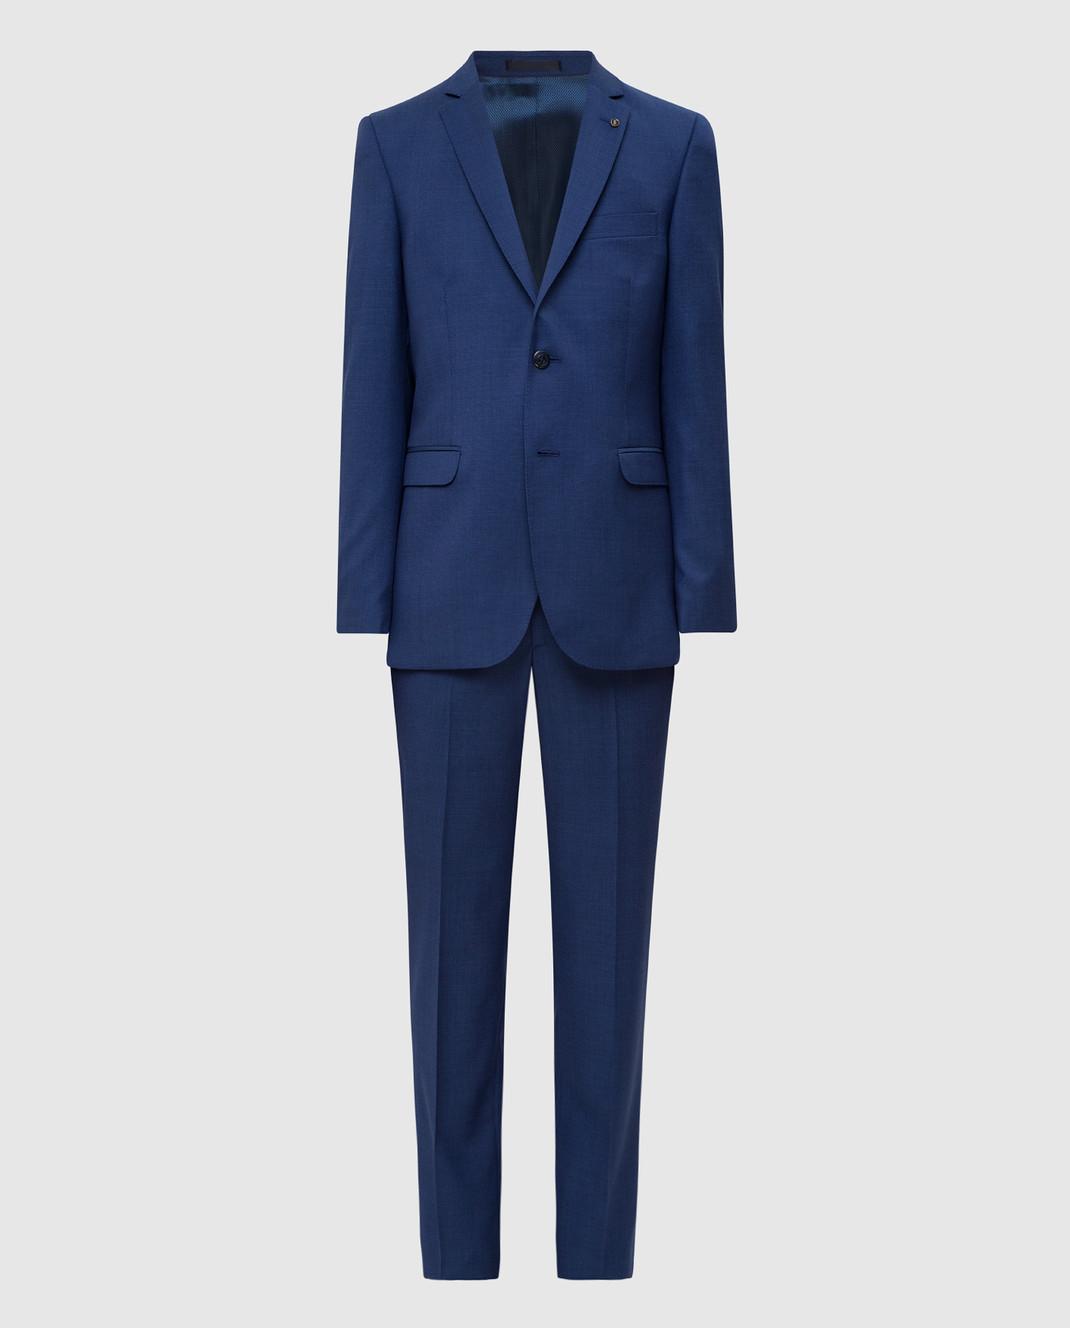 Florentino Синий костюм из шерсти изображение 1